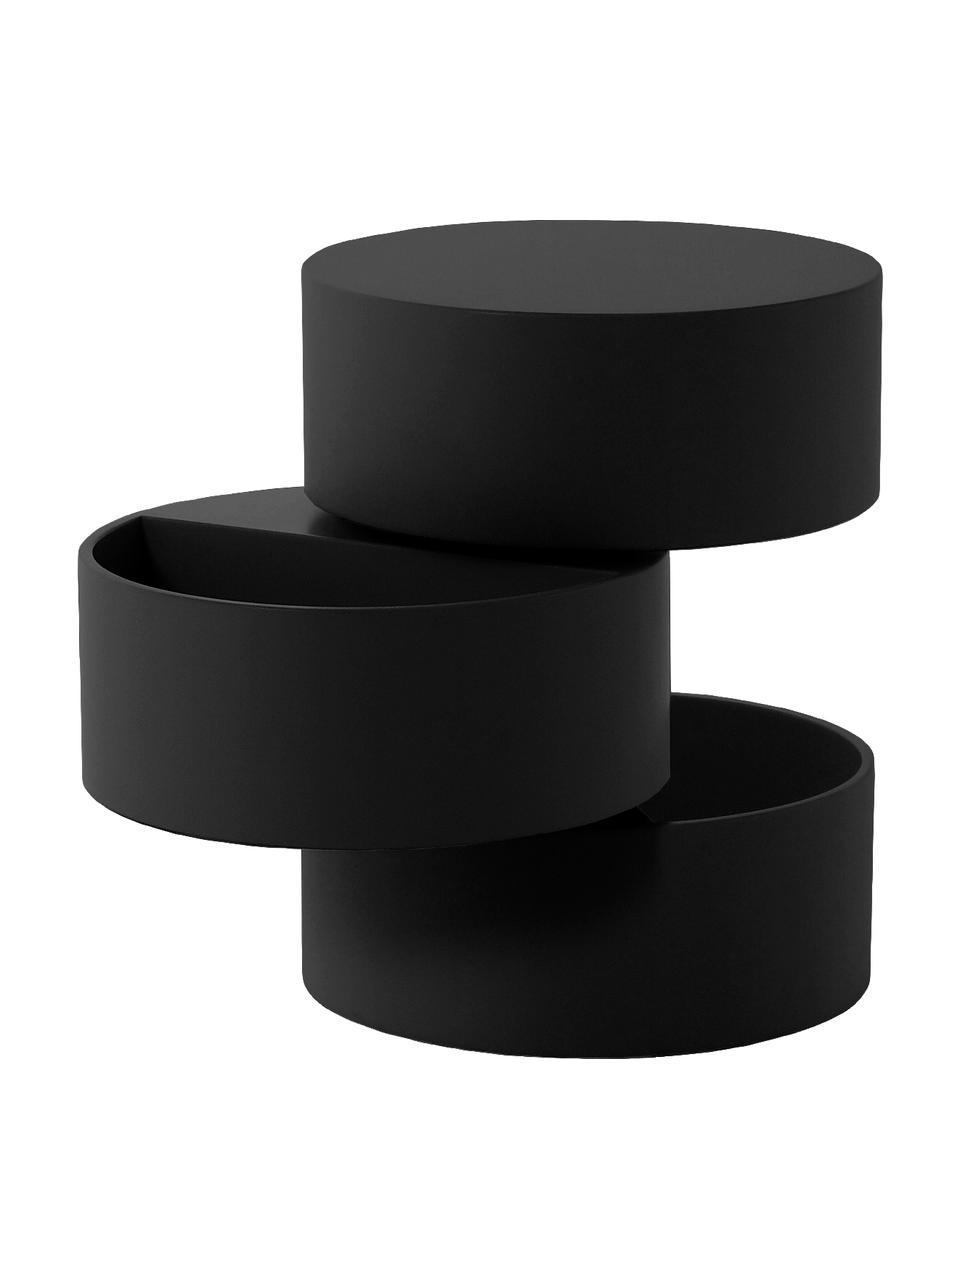 Tavolino nero con scomparti mobili Loka, Pannello di fibra a media densità, verniciato, Nero, Ø 40 x Alt. 51 cm